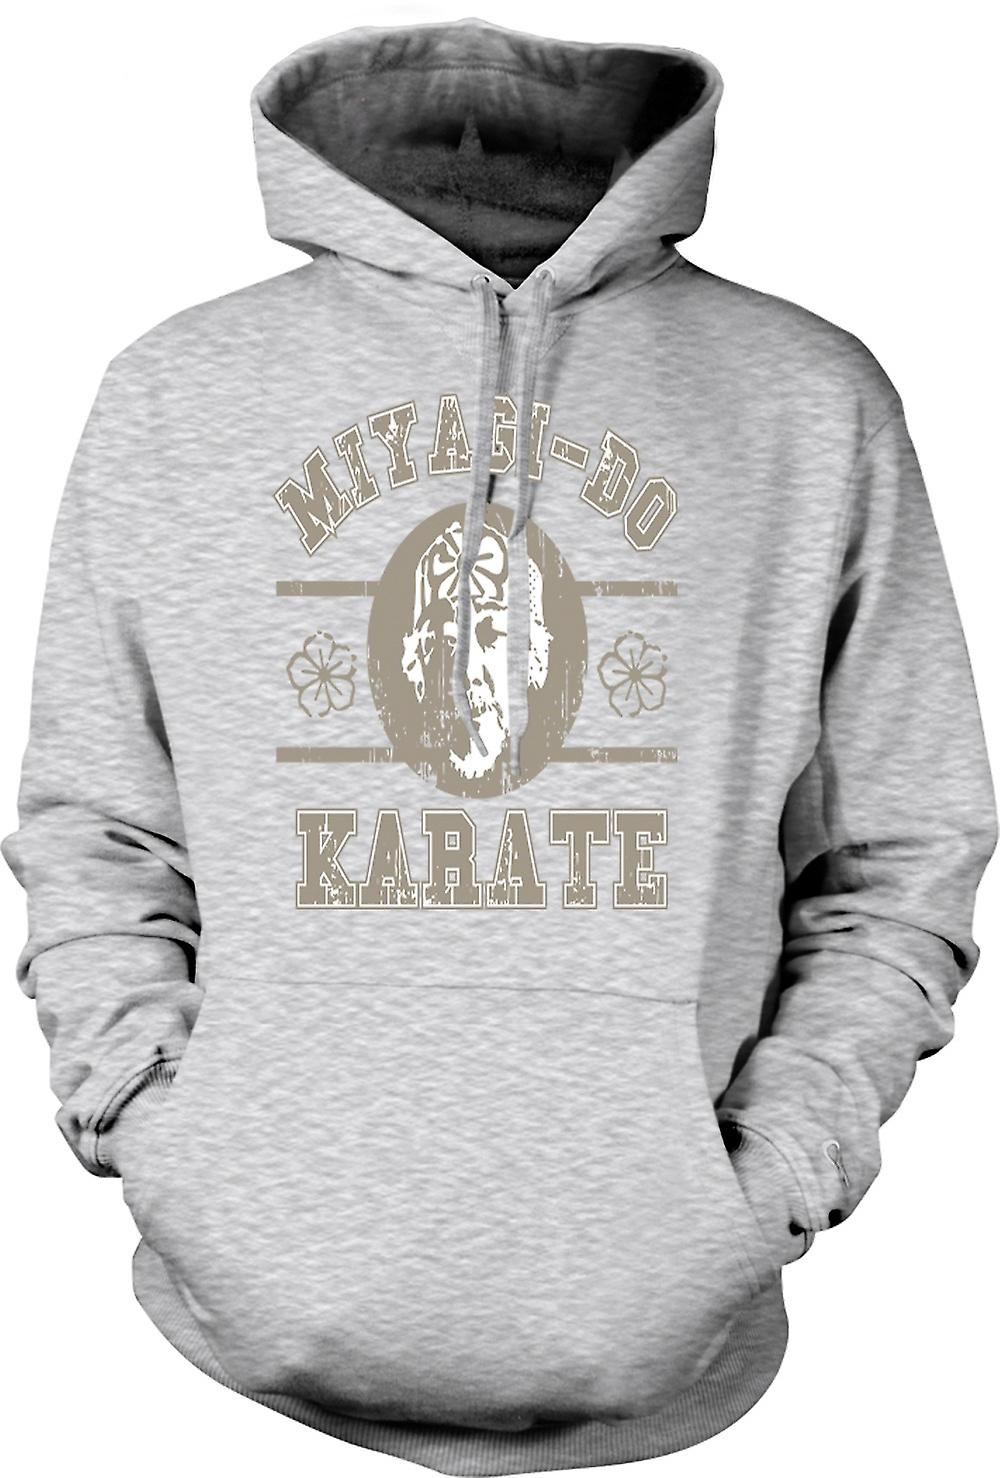 Mens Hoodie - Mijnheer Miyagi - Karate Kid - film